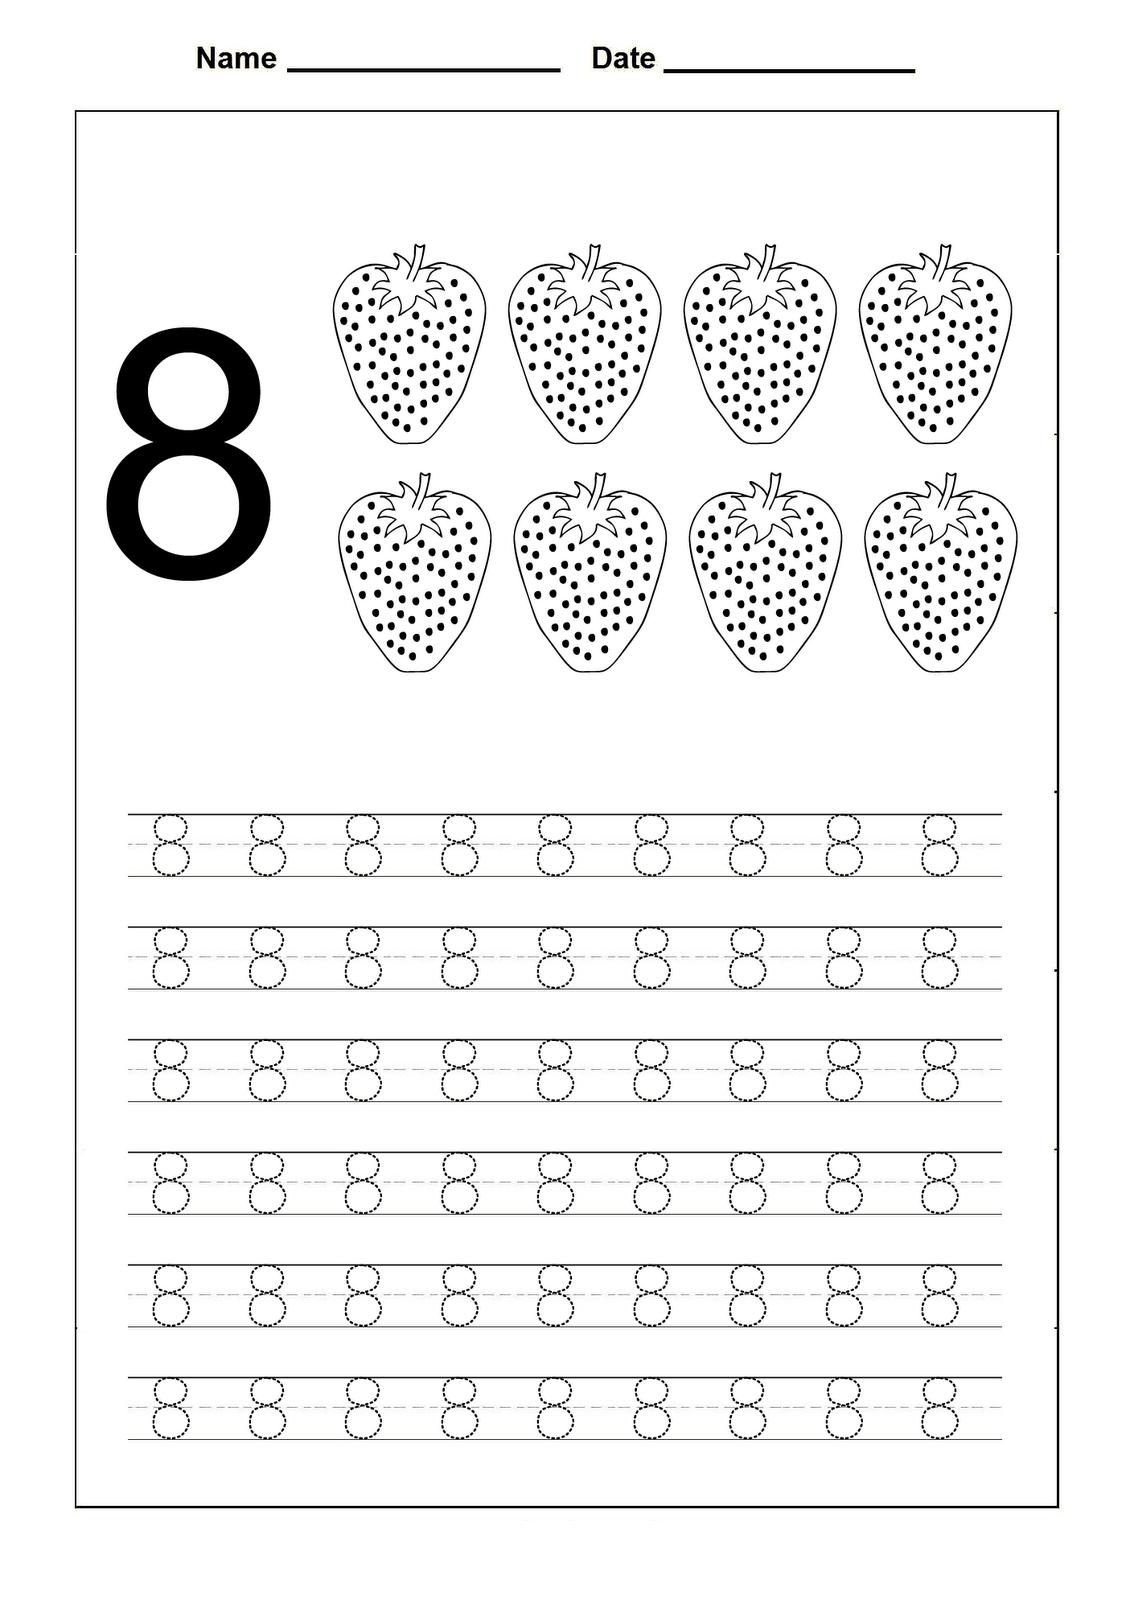 Number 8 Worksheets Printable Preschool Worksheets Numbers Preschool Numbers For Kids